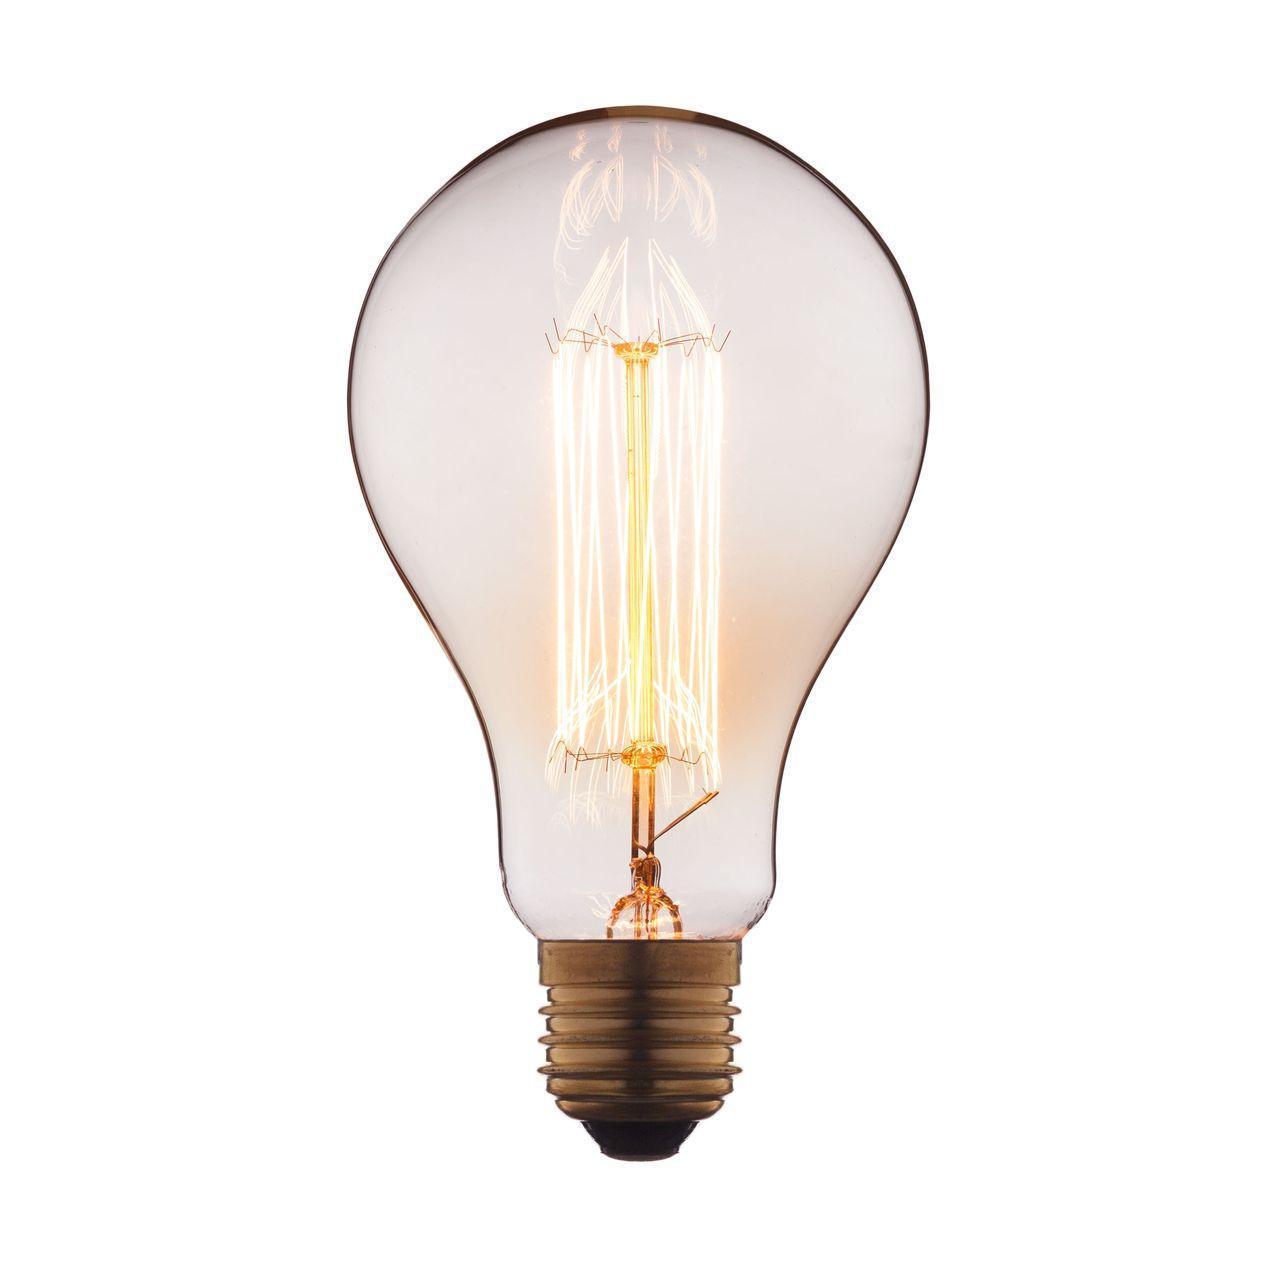 Лампа накаливания E27 60W прозрачная 9560-SC цена и фото